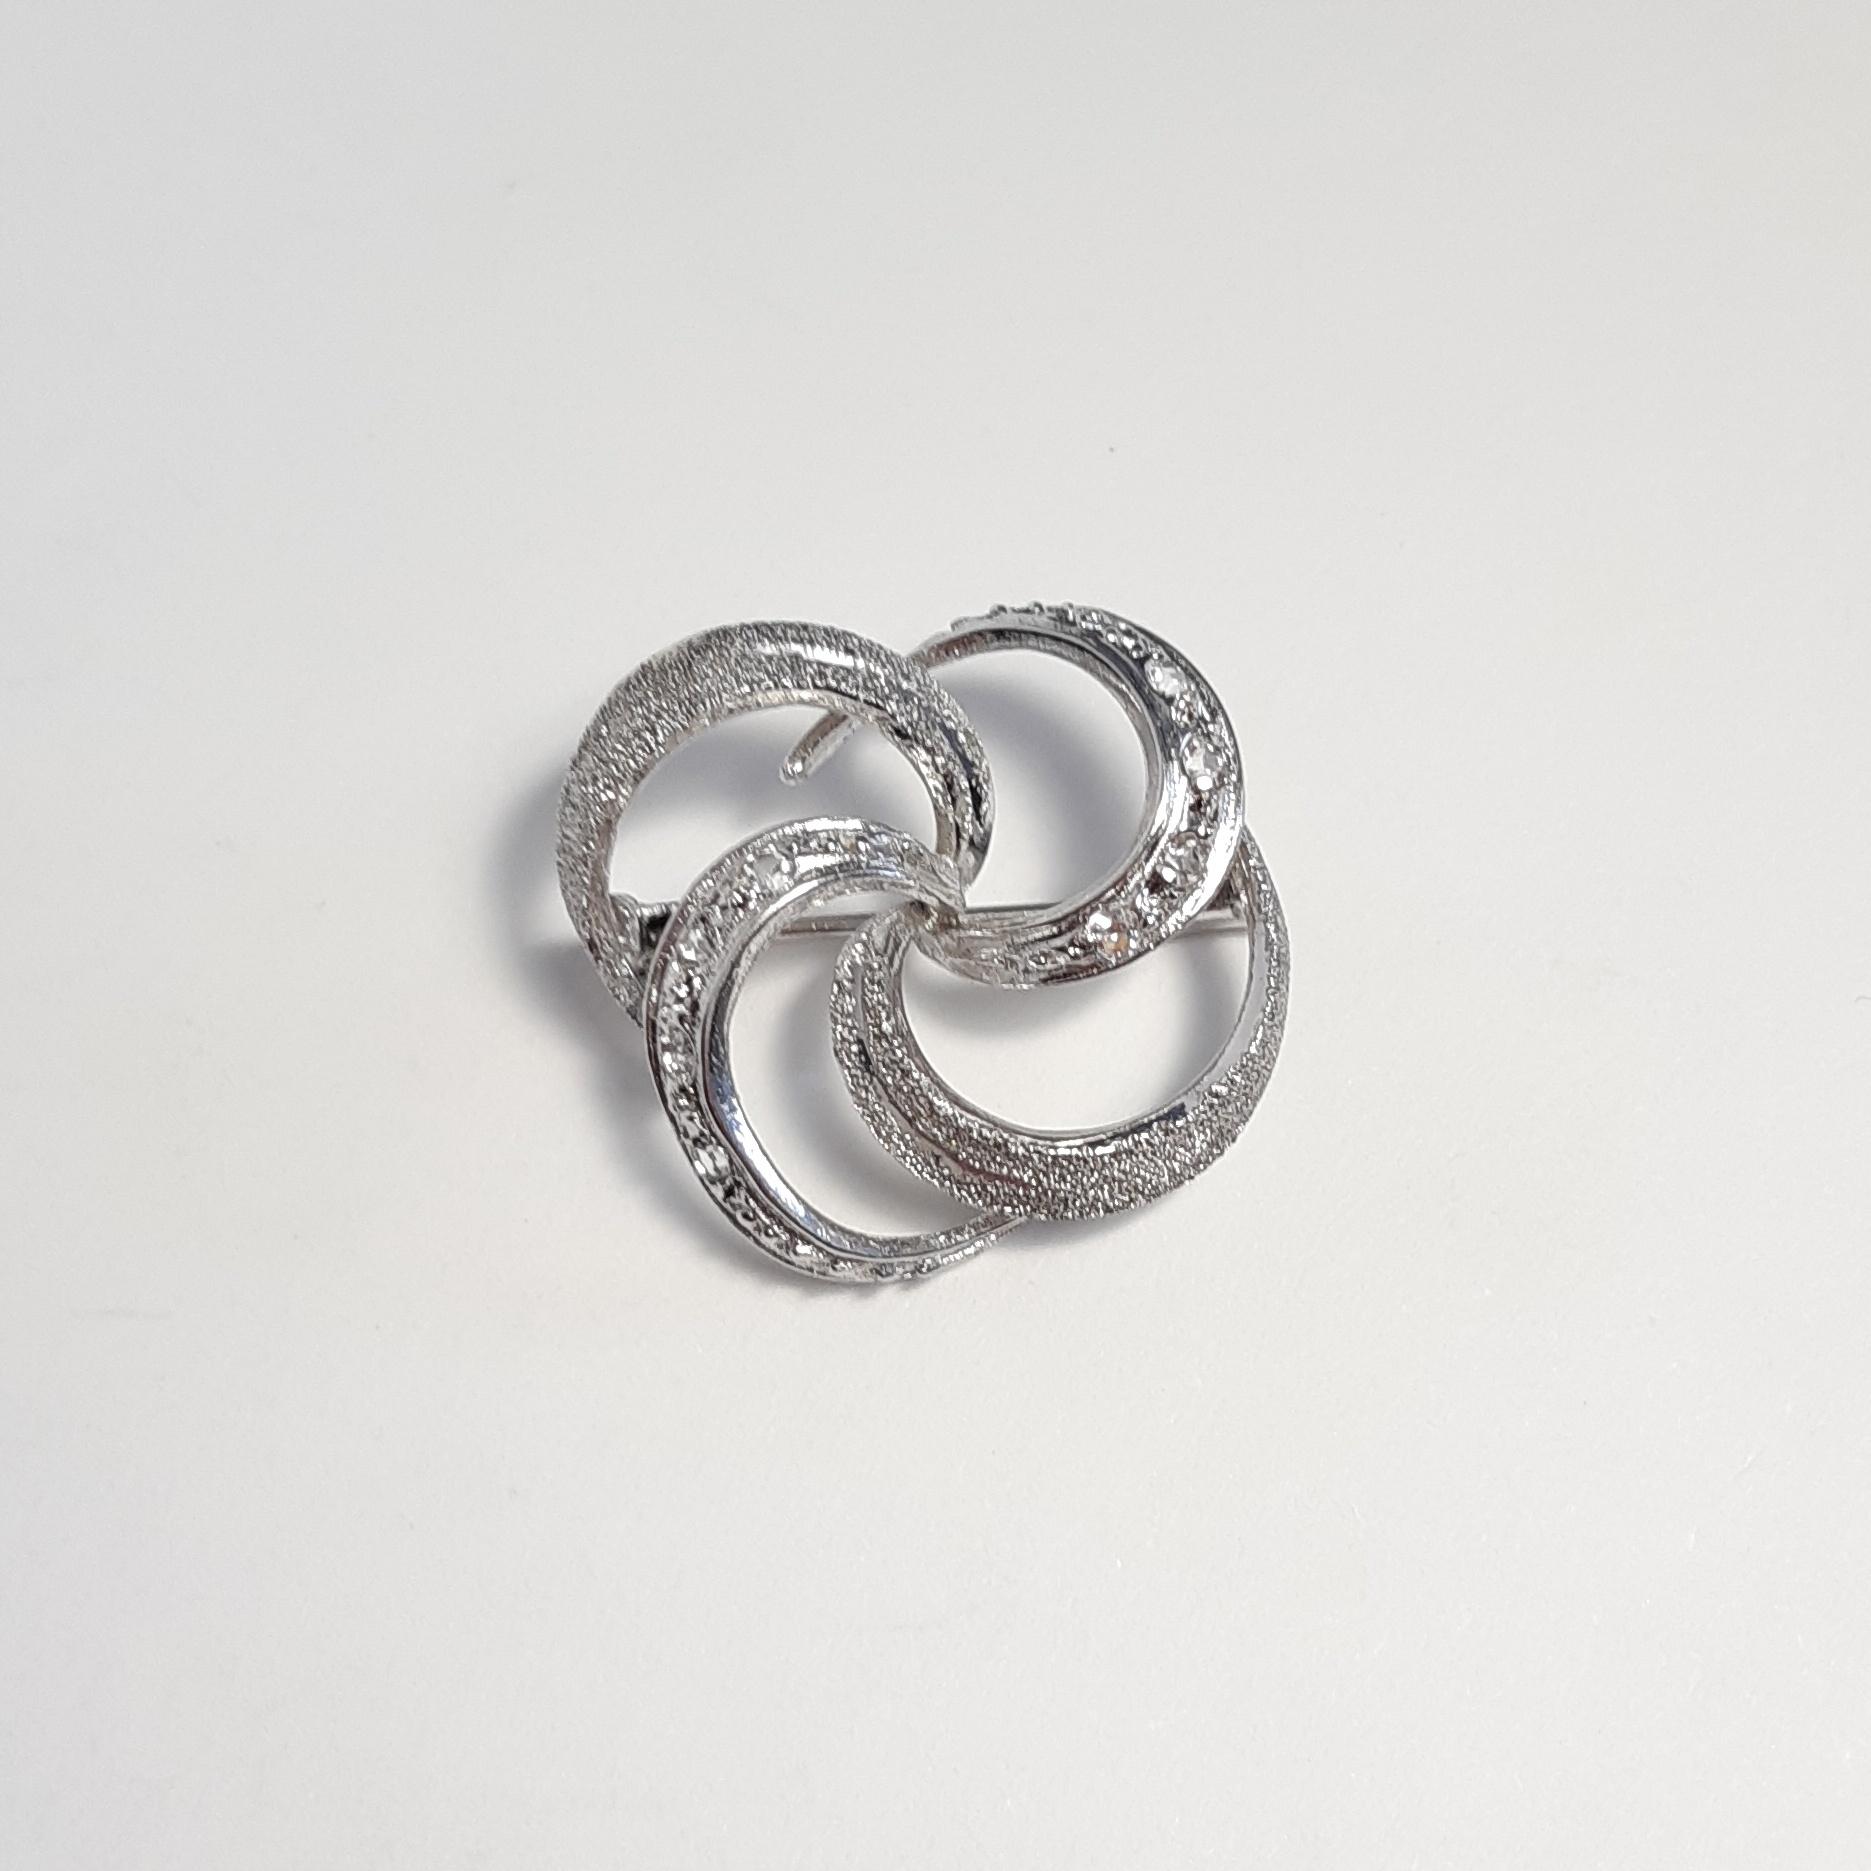 Broszka - srebro pr. 0,925 - rodowana cyrkonie